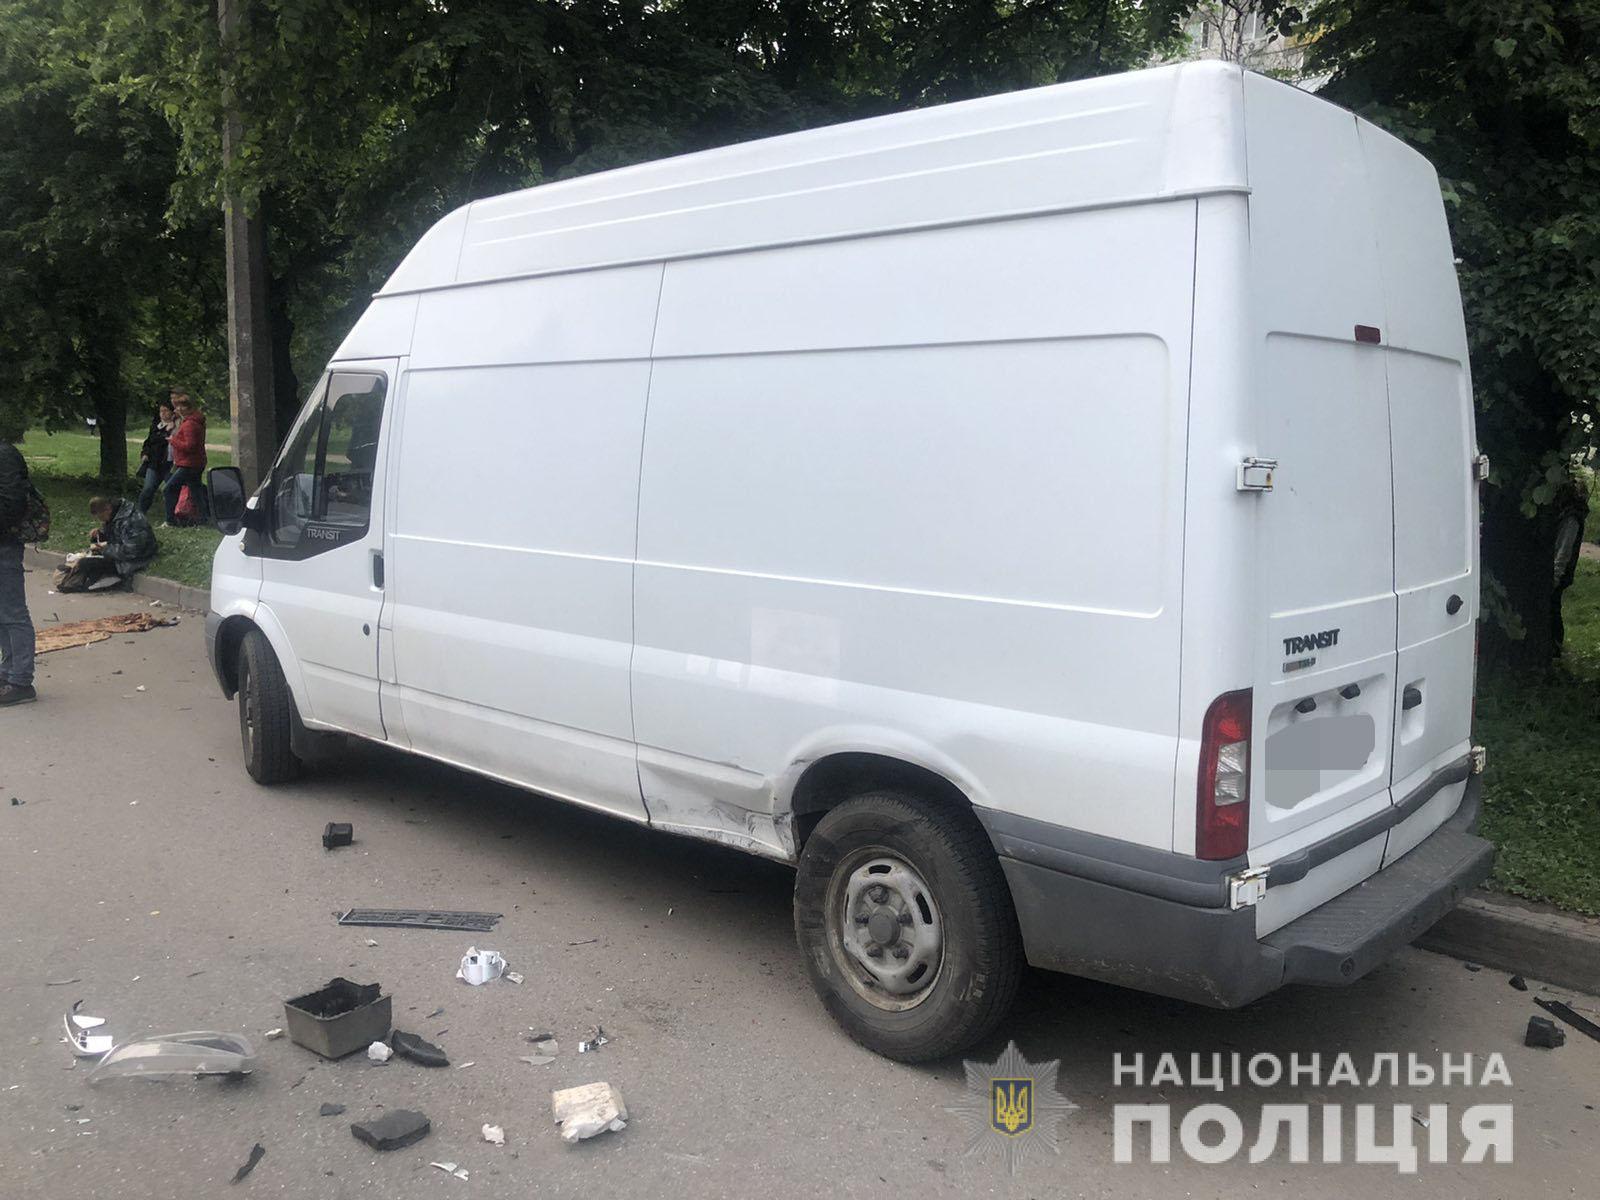 ДТП Харьков: Разыскиваются очевидцы смертельного ДТП на Салтовке (ФОТО)